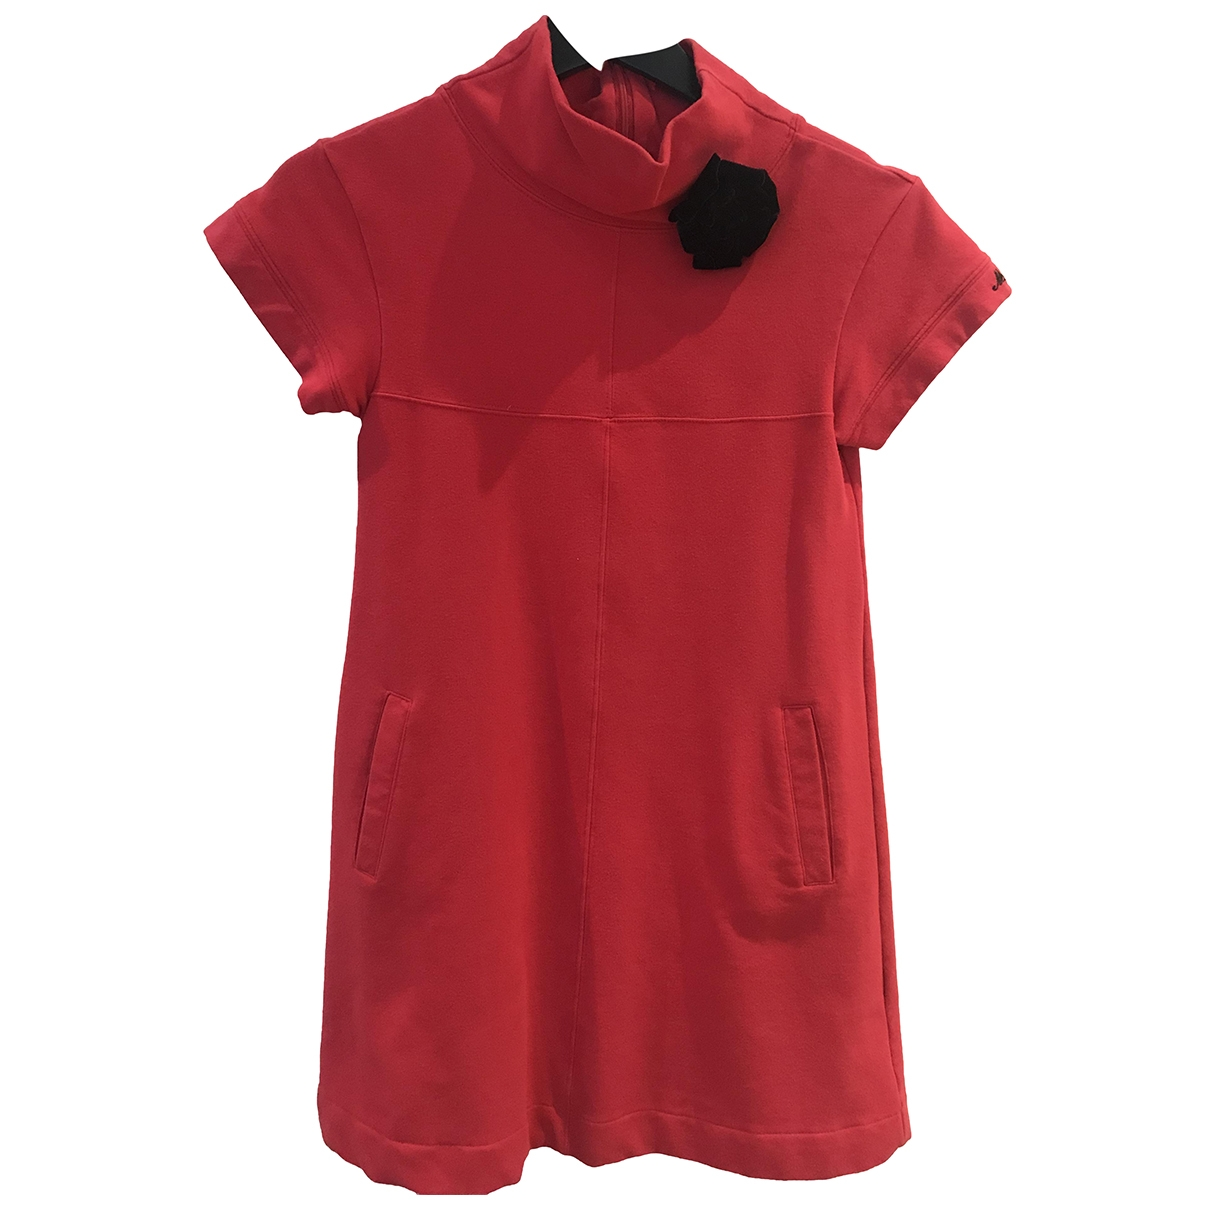 Moschino \N Kleid in  Rot Baumwolle - Elasthan